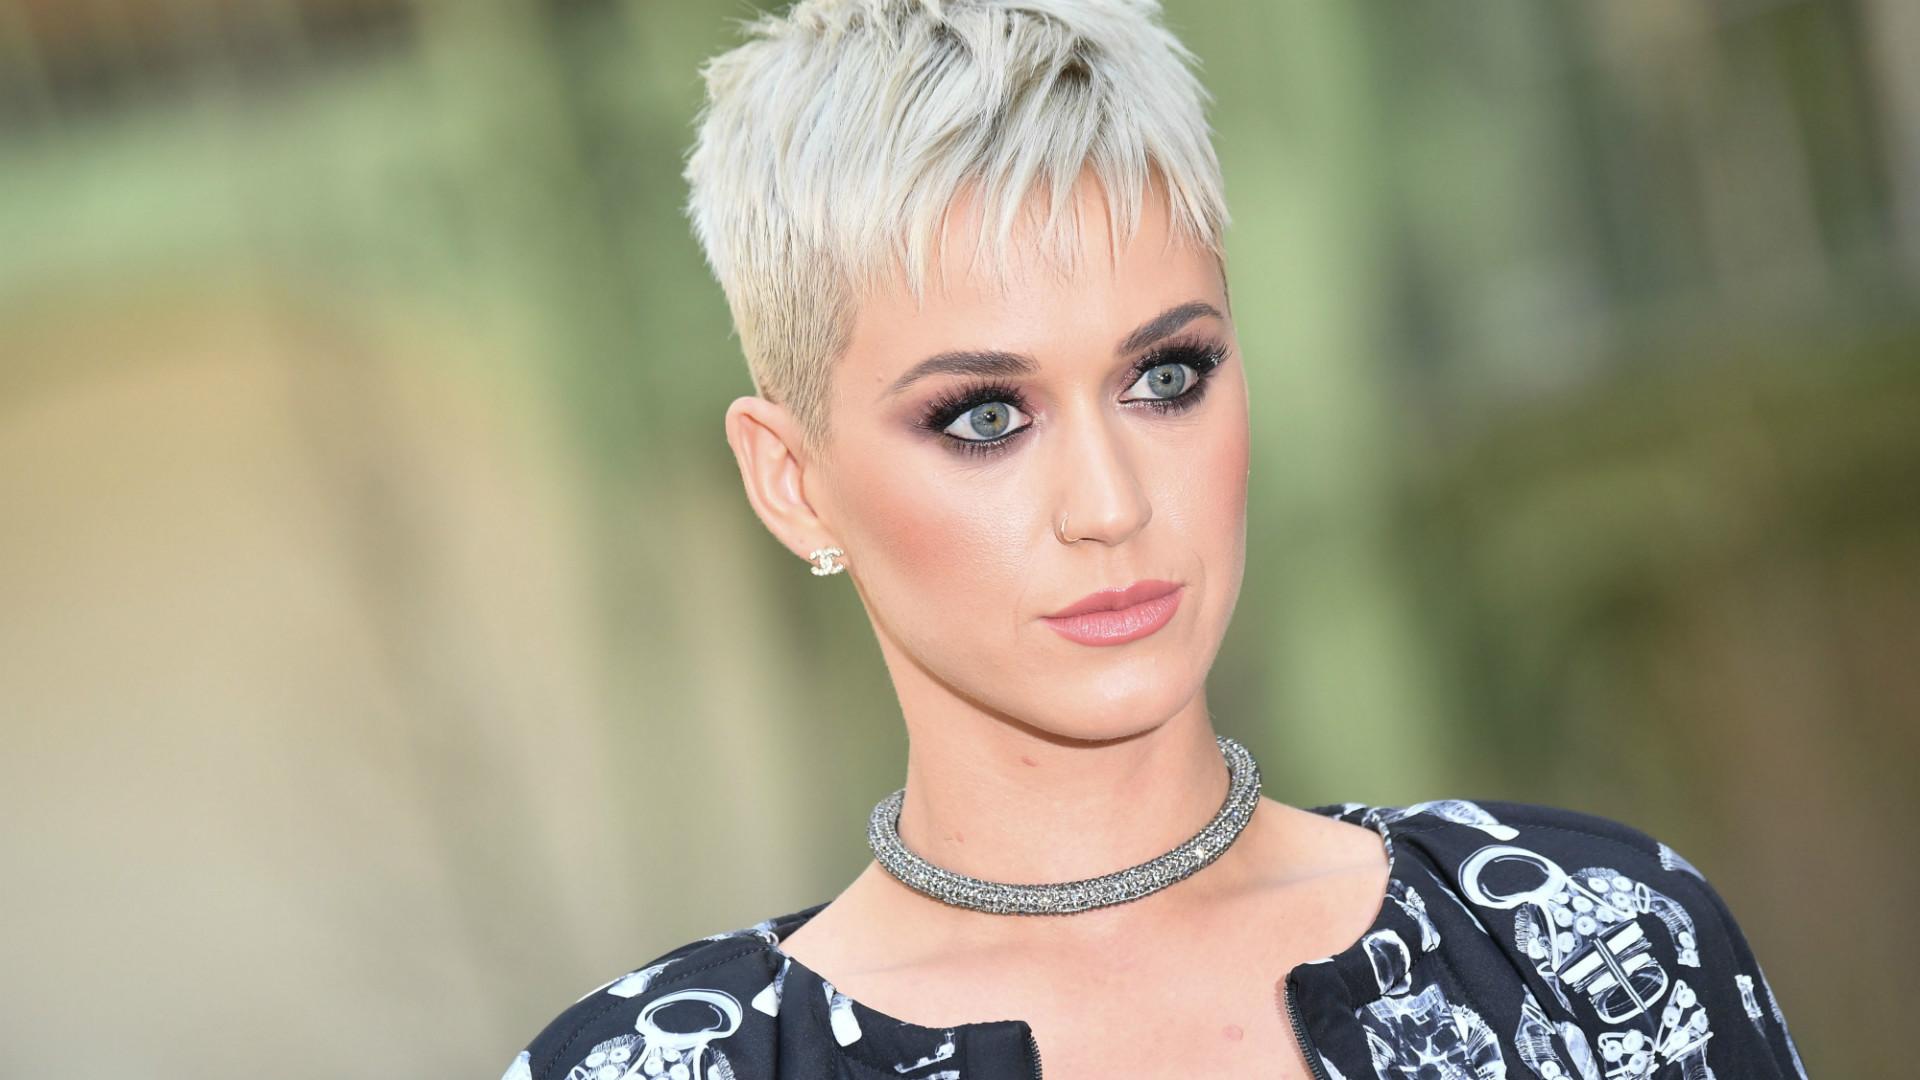 Sí Que Saben Cómo Llevar El Pelo Corto: Katy Perry, Cara